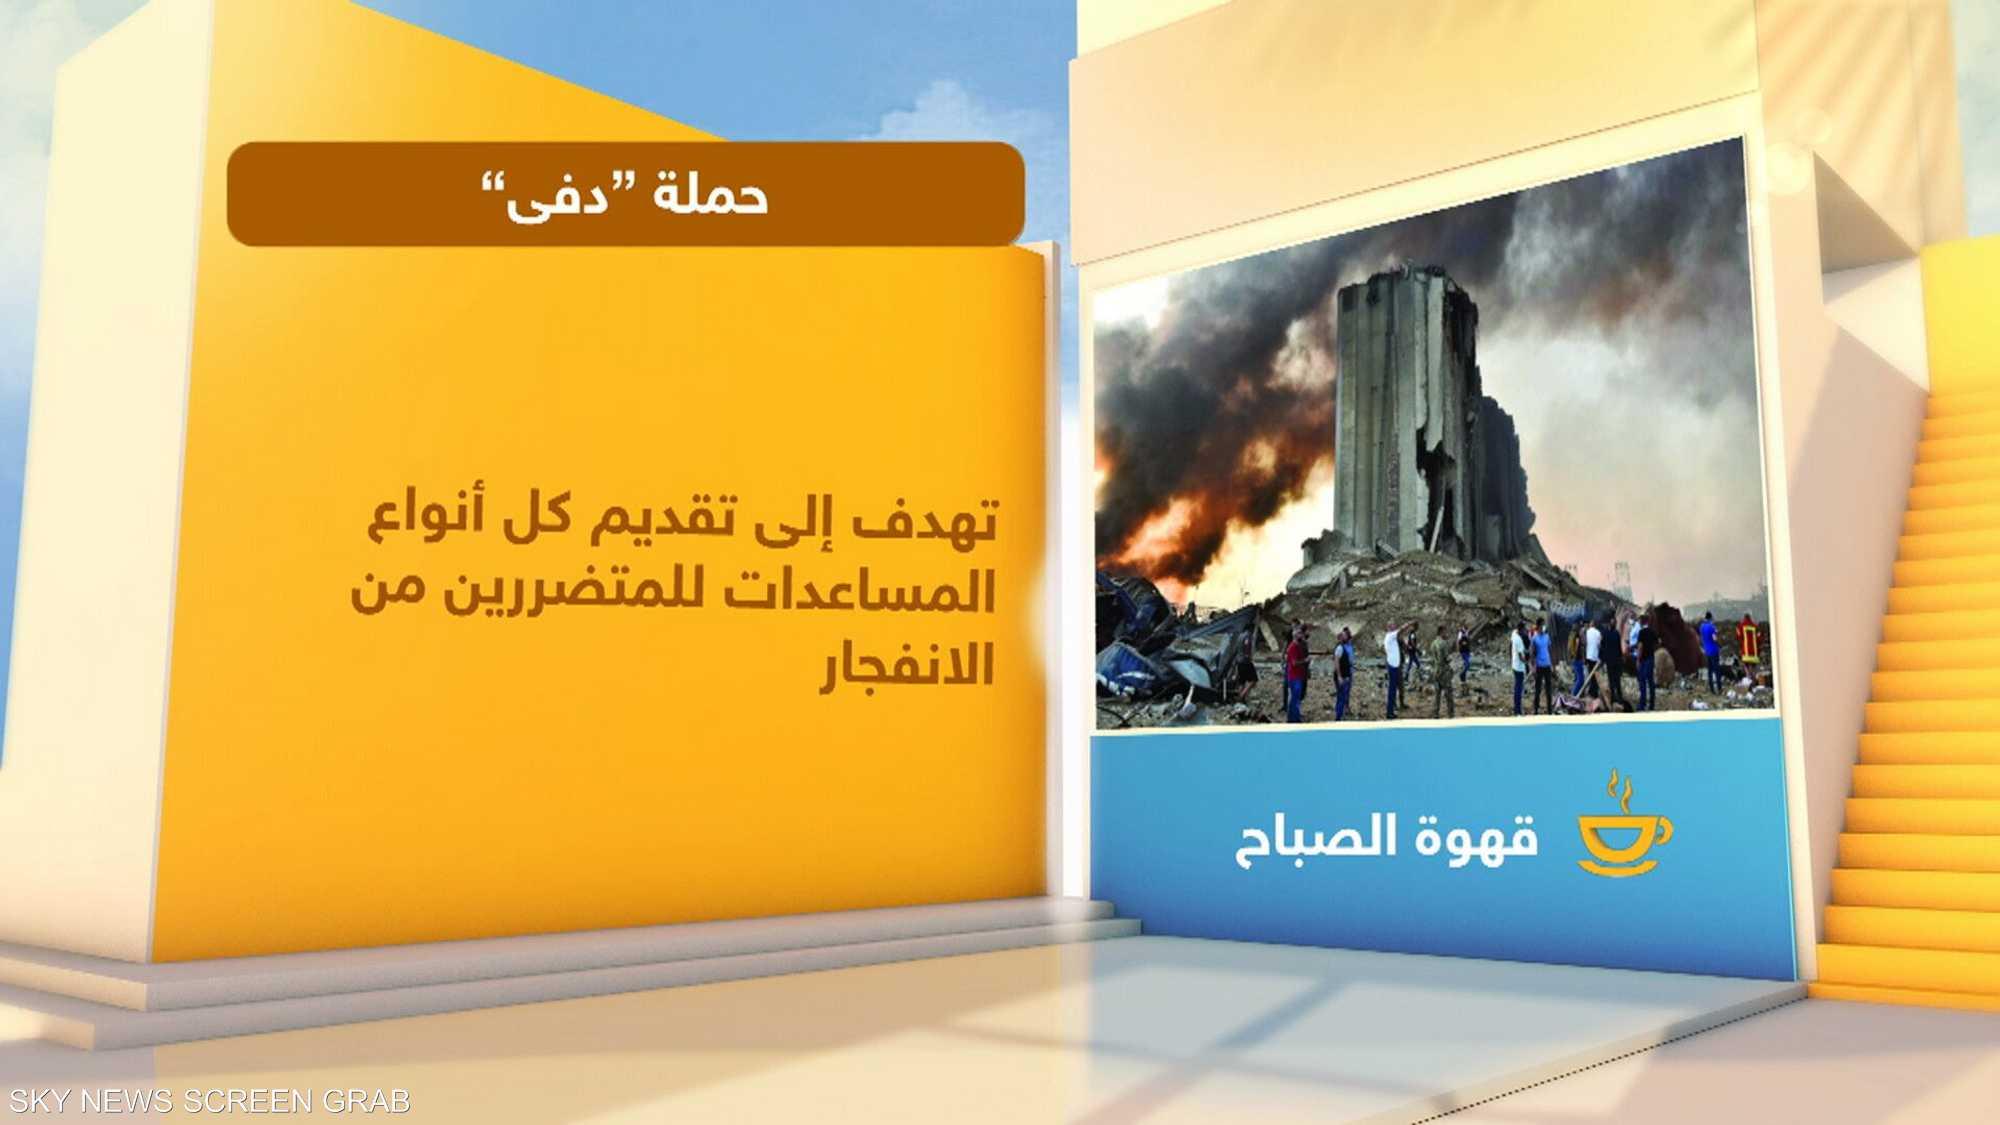 الحملات الإنسانية تتدفق لتضميد جراح بيروت وأهلها